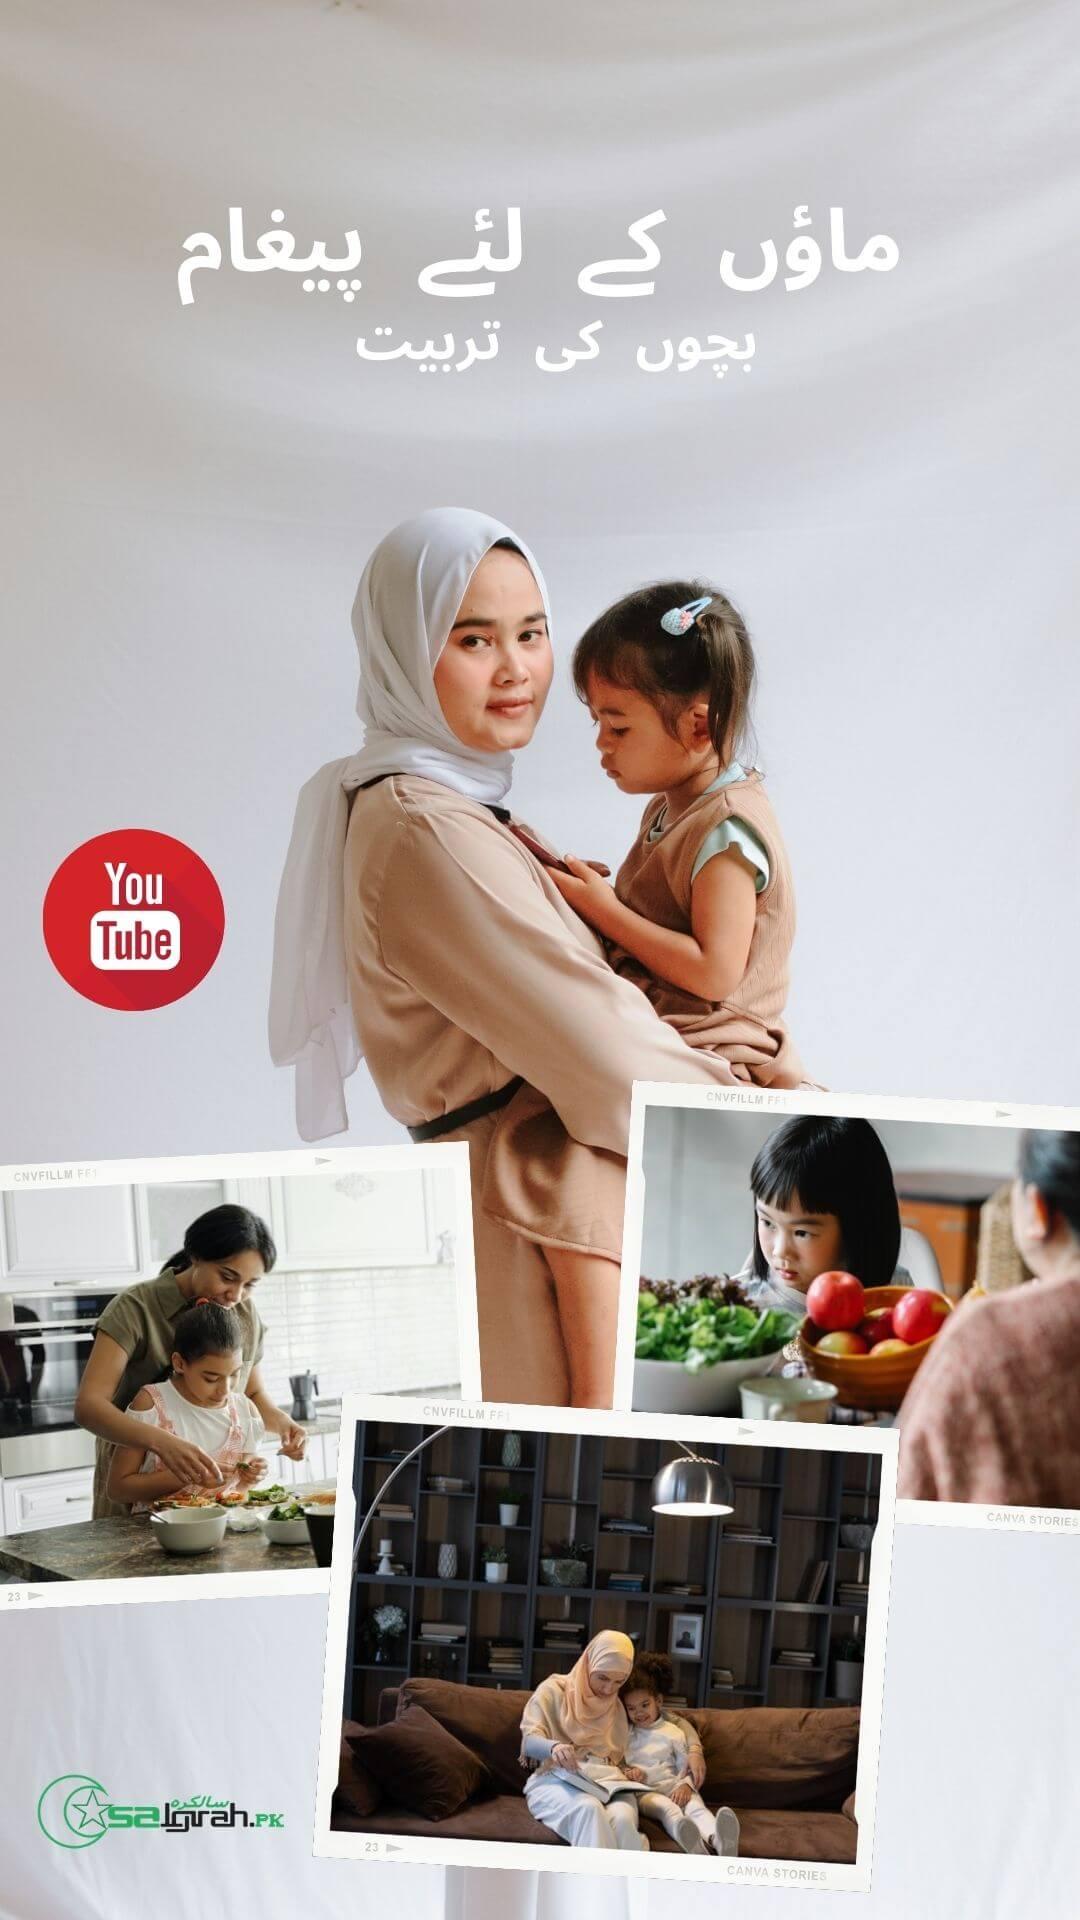 ماؤں کے لئے پیغام – یوٹیوب چینل اور بچوں کی تربیت – تحریر مستانی اعظم